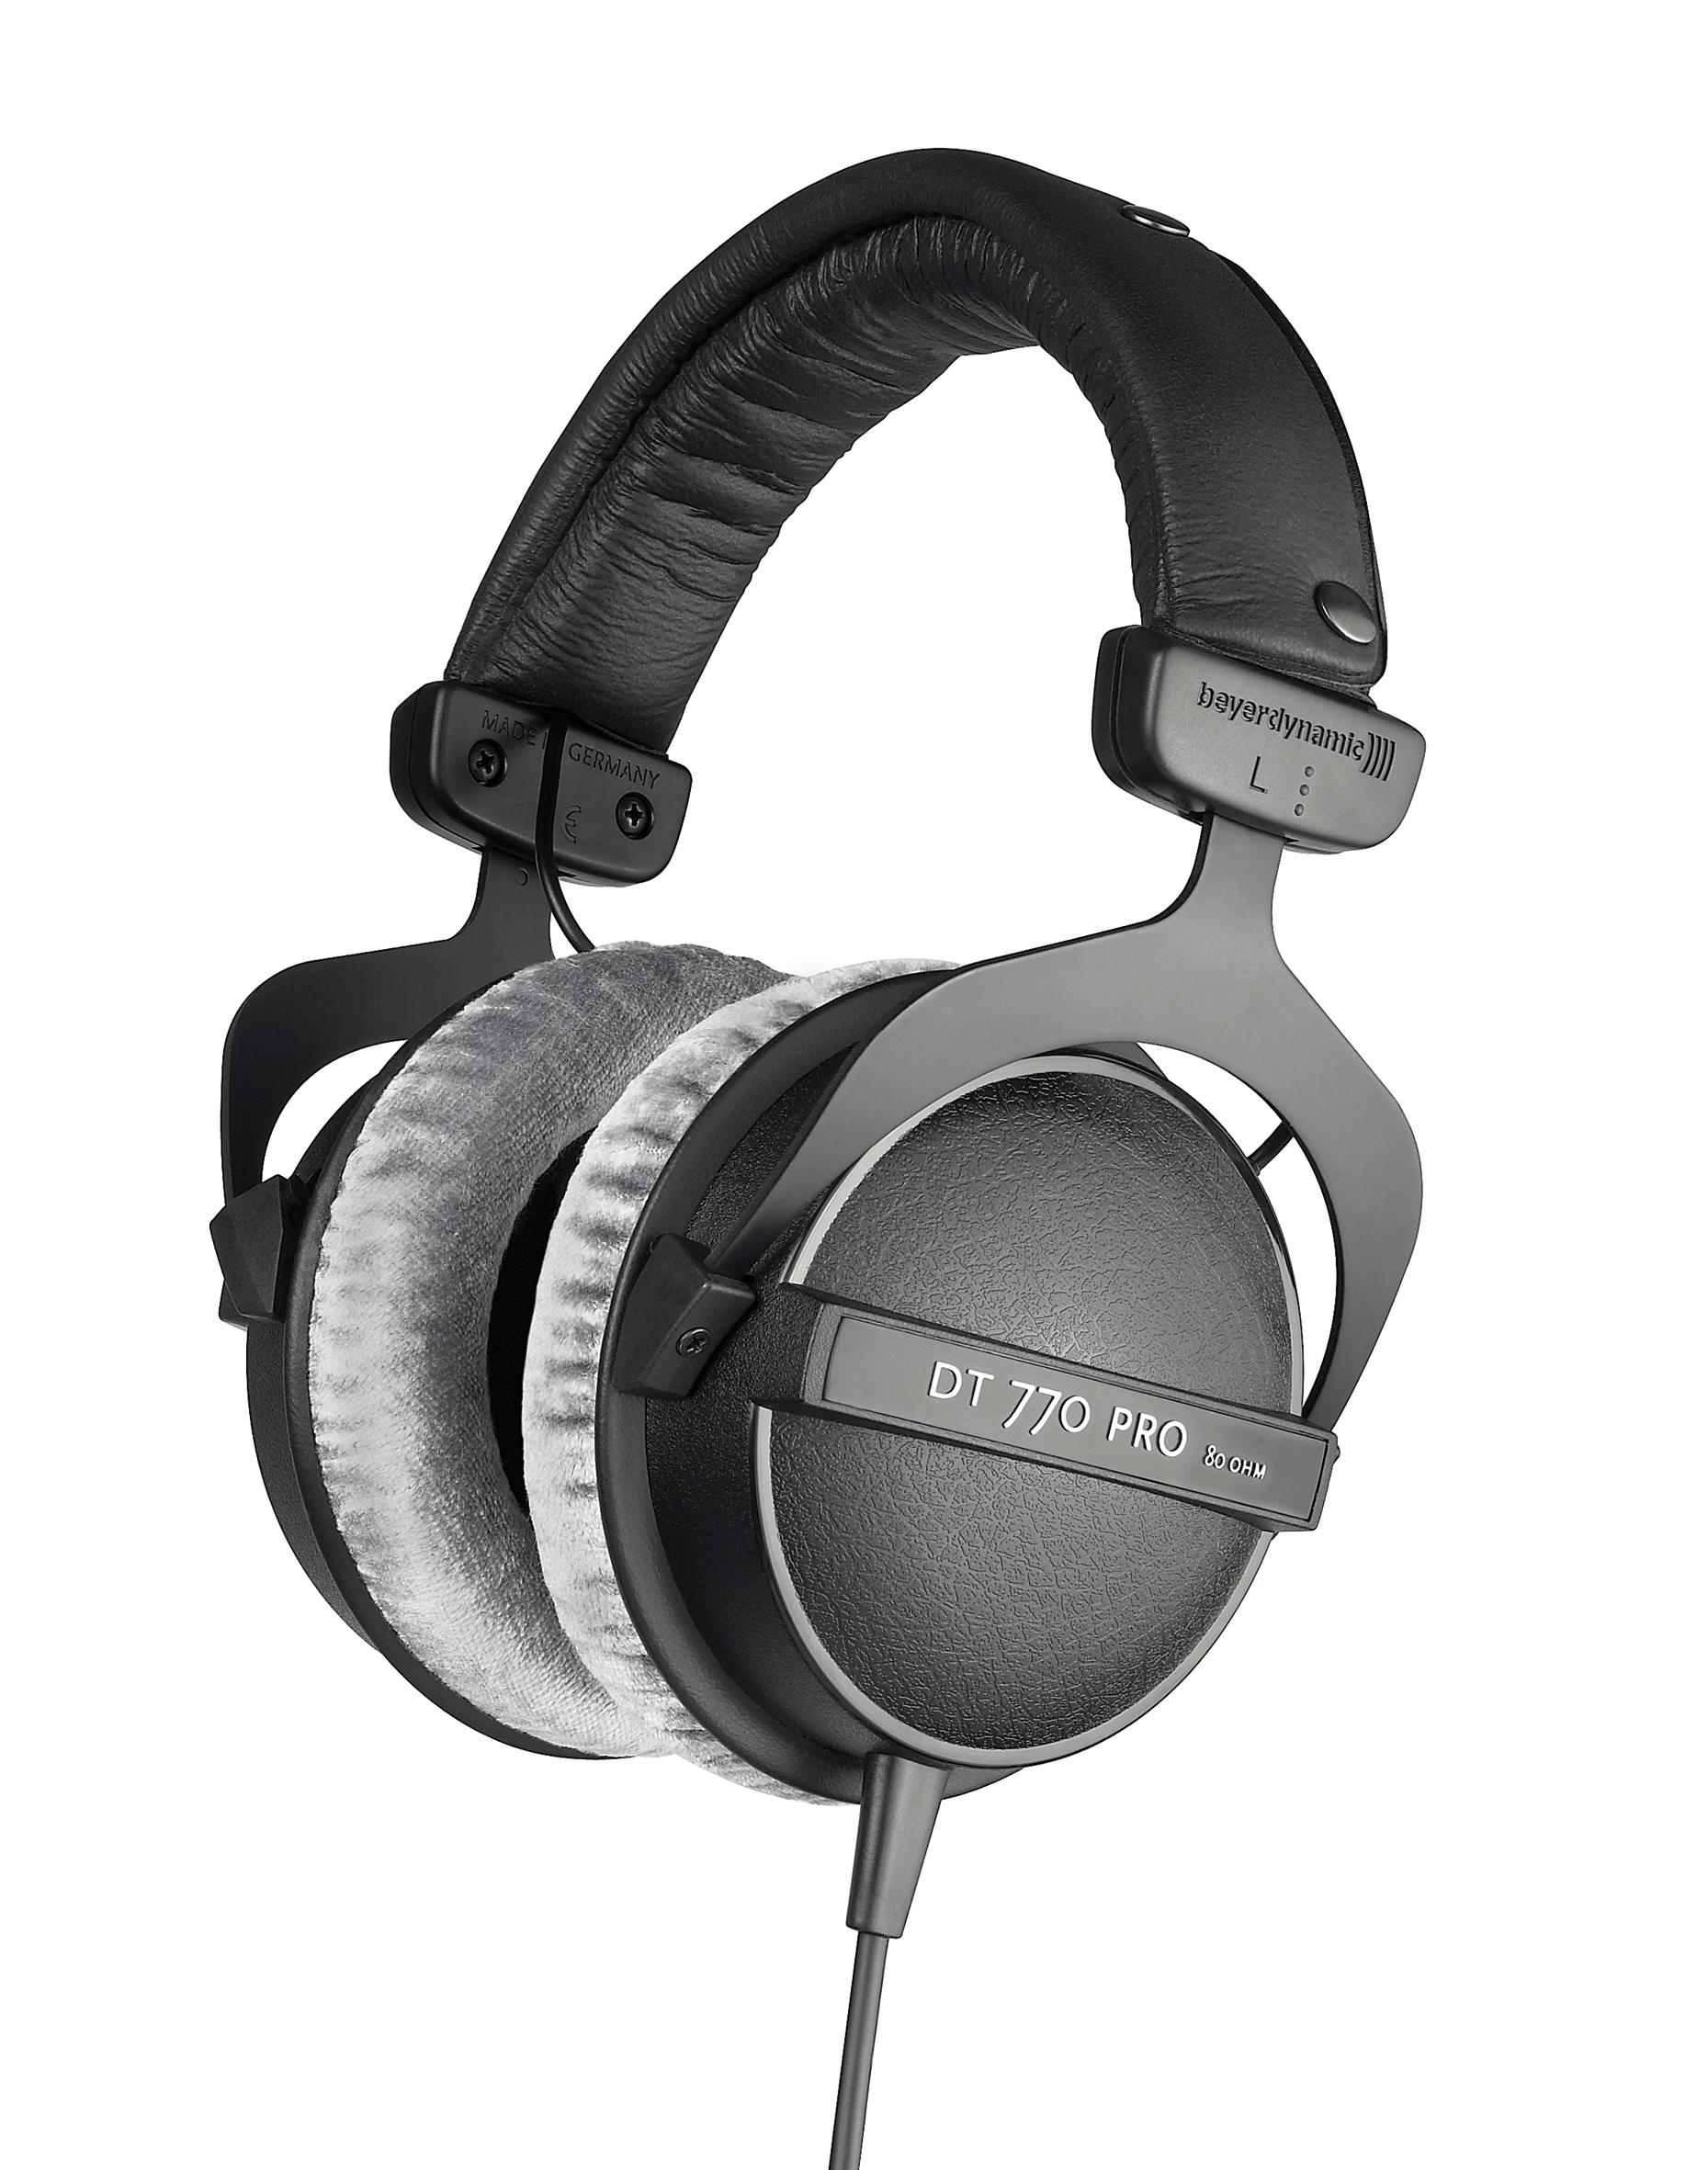 DT 770 pro headphones.jpg